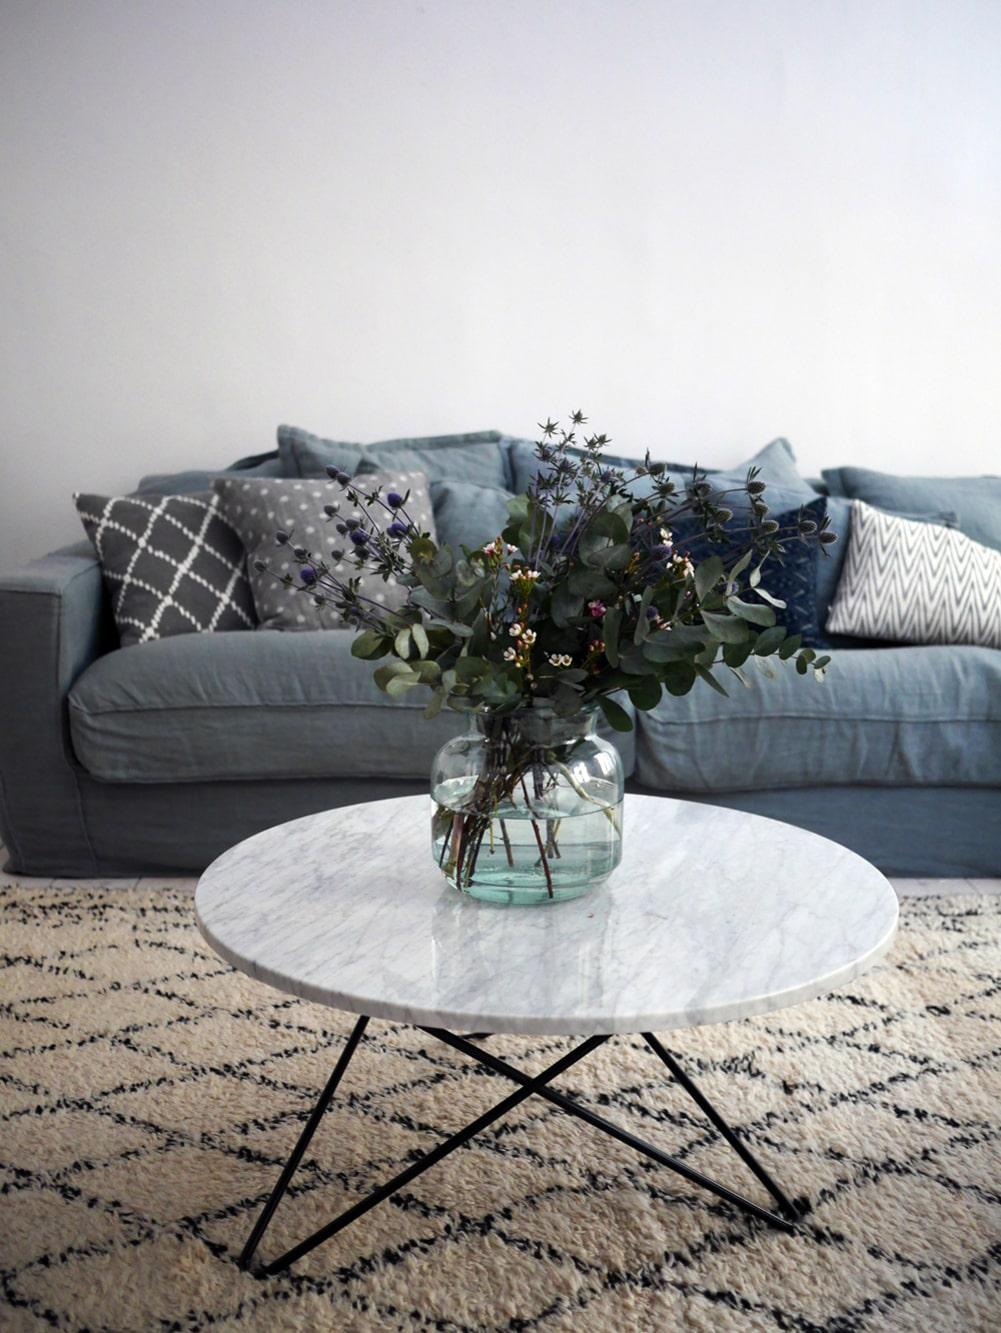 O Table soffbord, Ox Denmarq. Ordinarie pris: från 7500 kronor. Mellandagspris: från 6750 kronor.  Avänd koden XMAS.